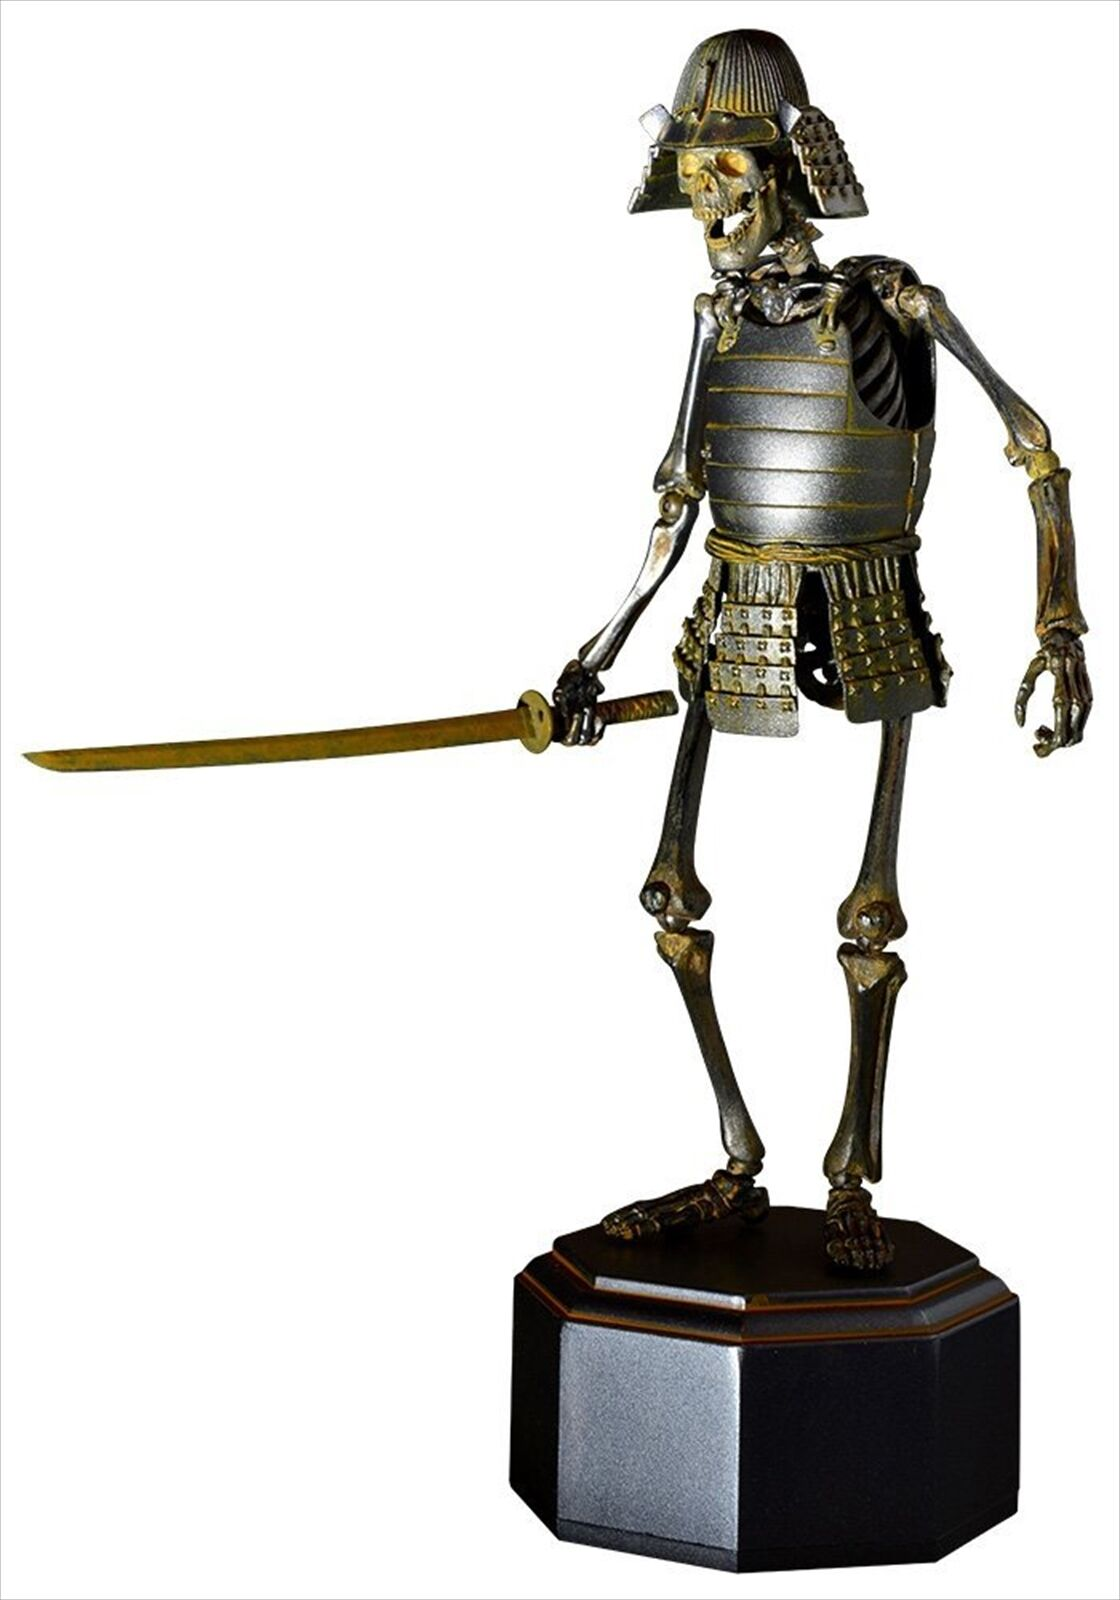 Kaiyodo Takeya Shiki Jizai Okimono KT-009 Samurai Skeleton Iron Ver. Figure